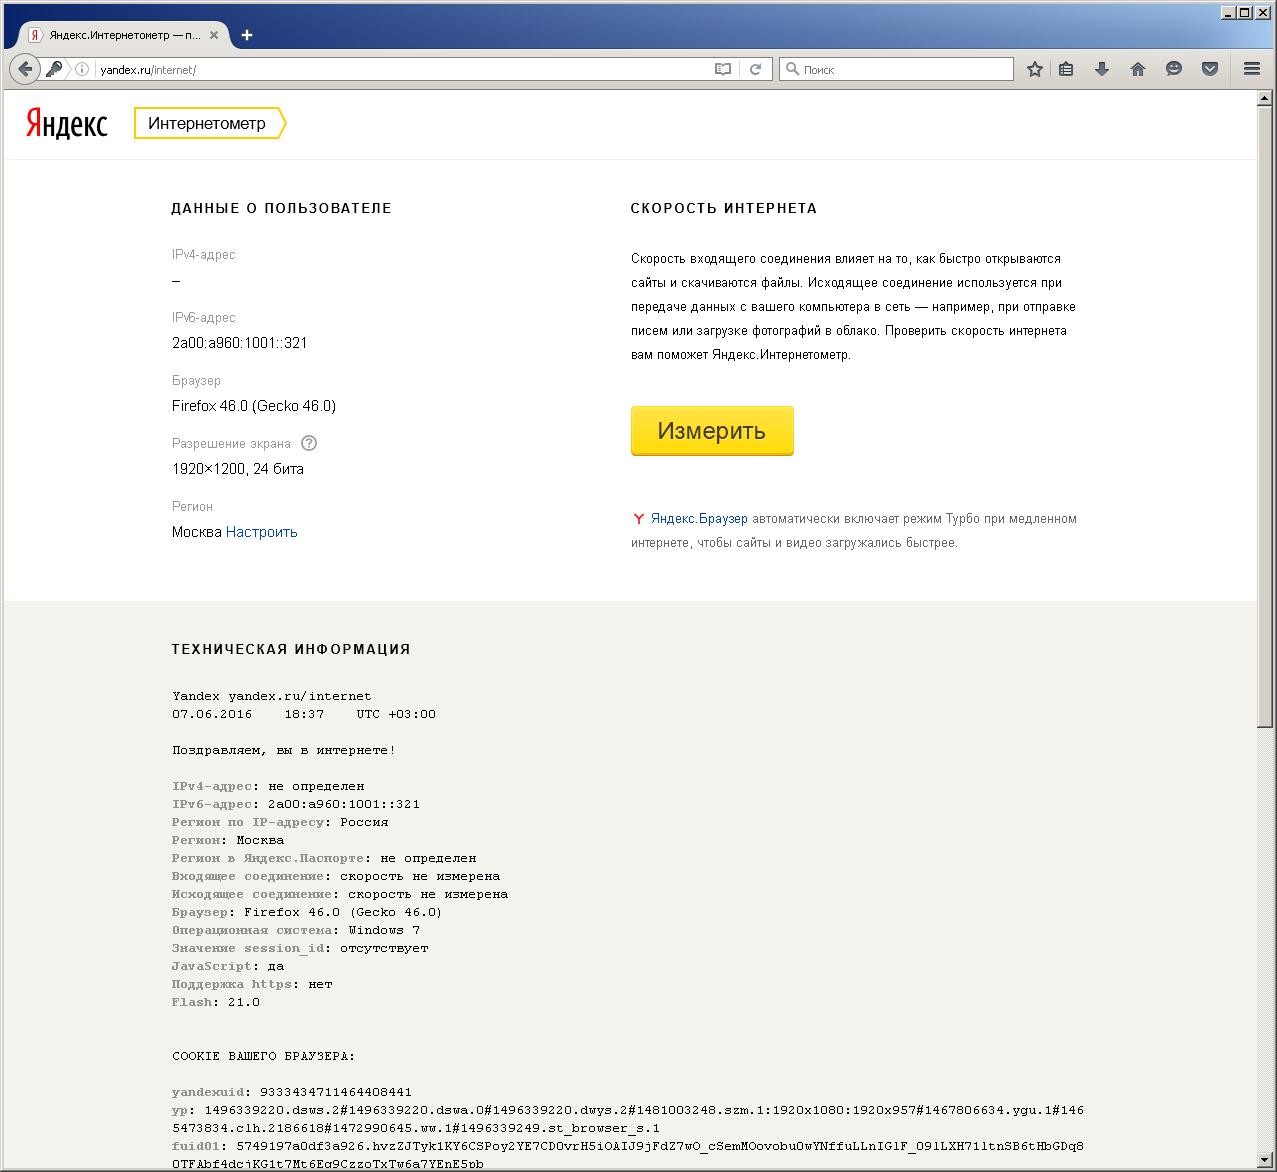 Дешевые Прокси Для Граббера E-Mail Адресов Сборщики e-mail адресов, извлеч e-mail адреса, вс для сборки, свежие соксы для граббера e-mail адресов